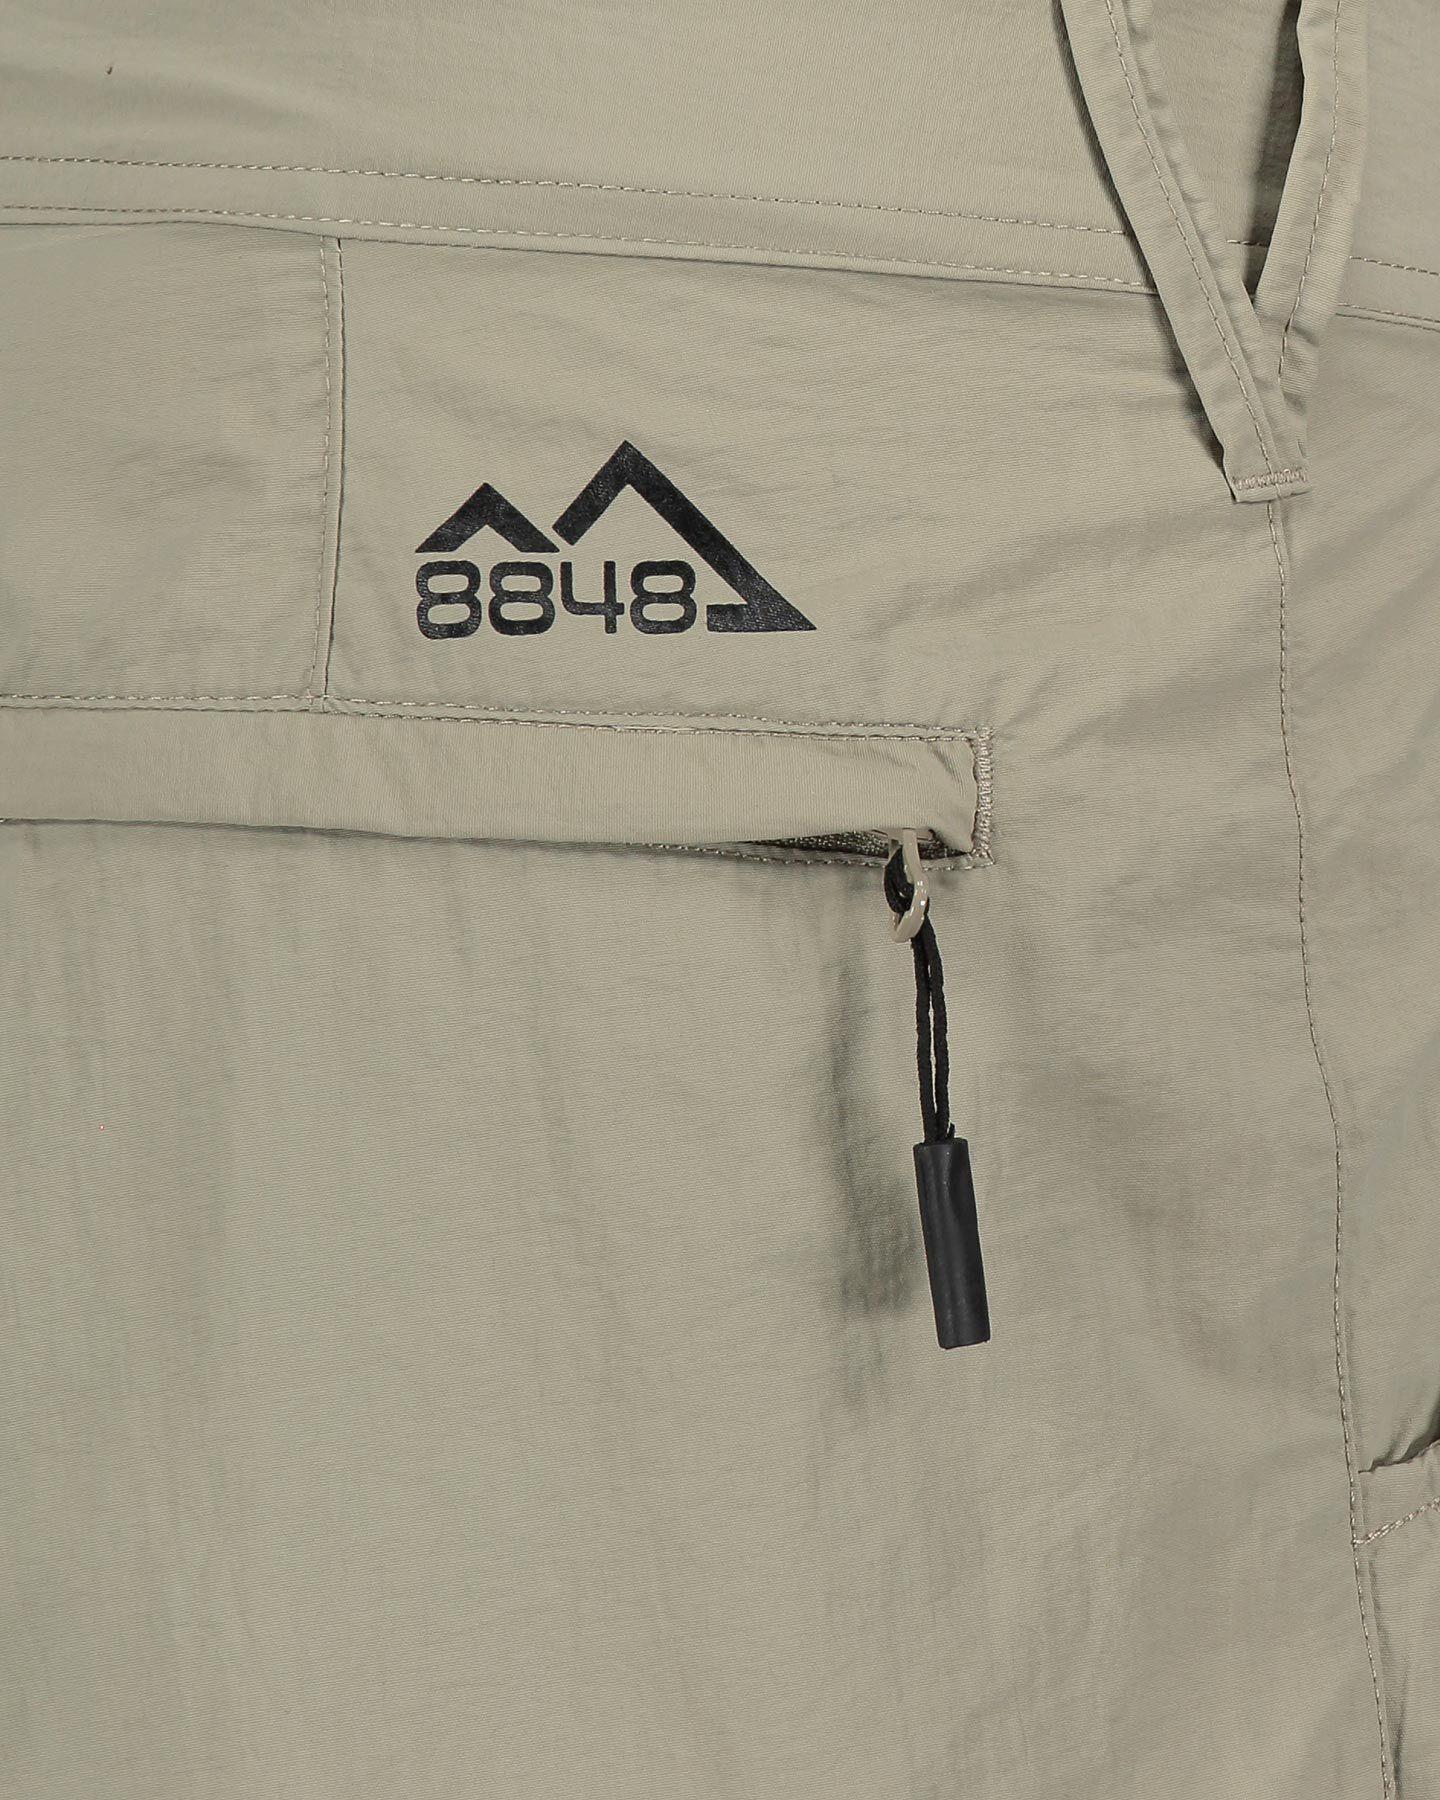 Pantaloncini 8848 ROLL-UP TSL W S4076107 scatto 3